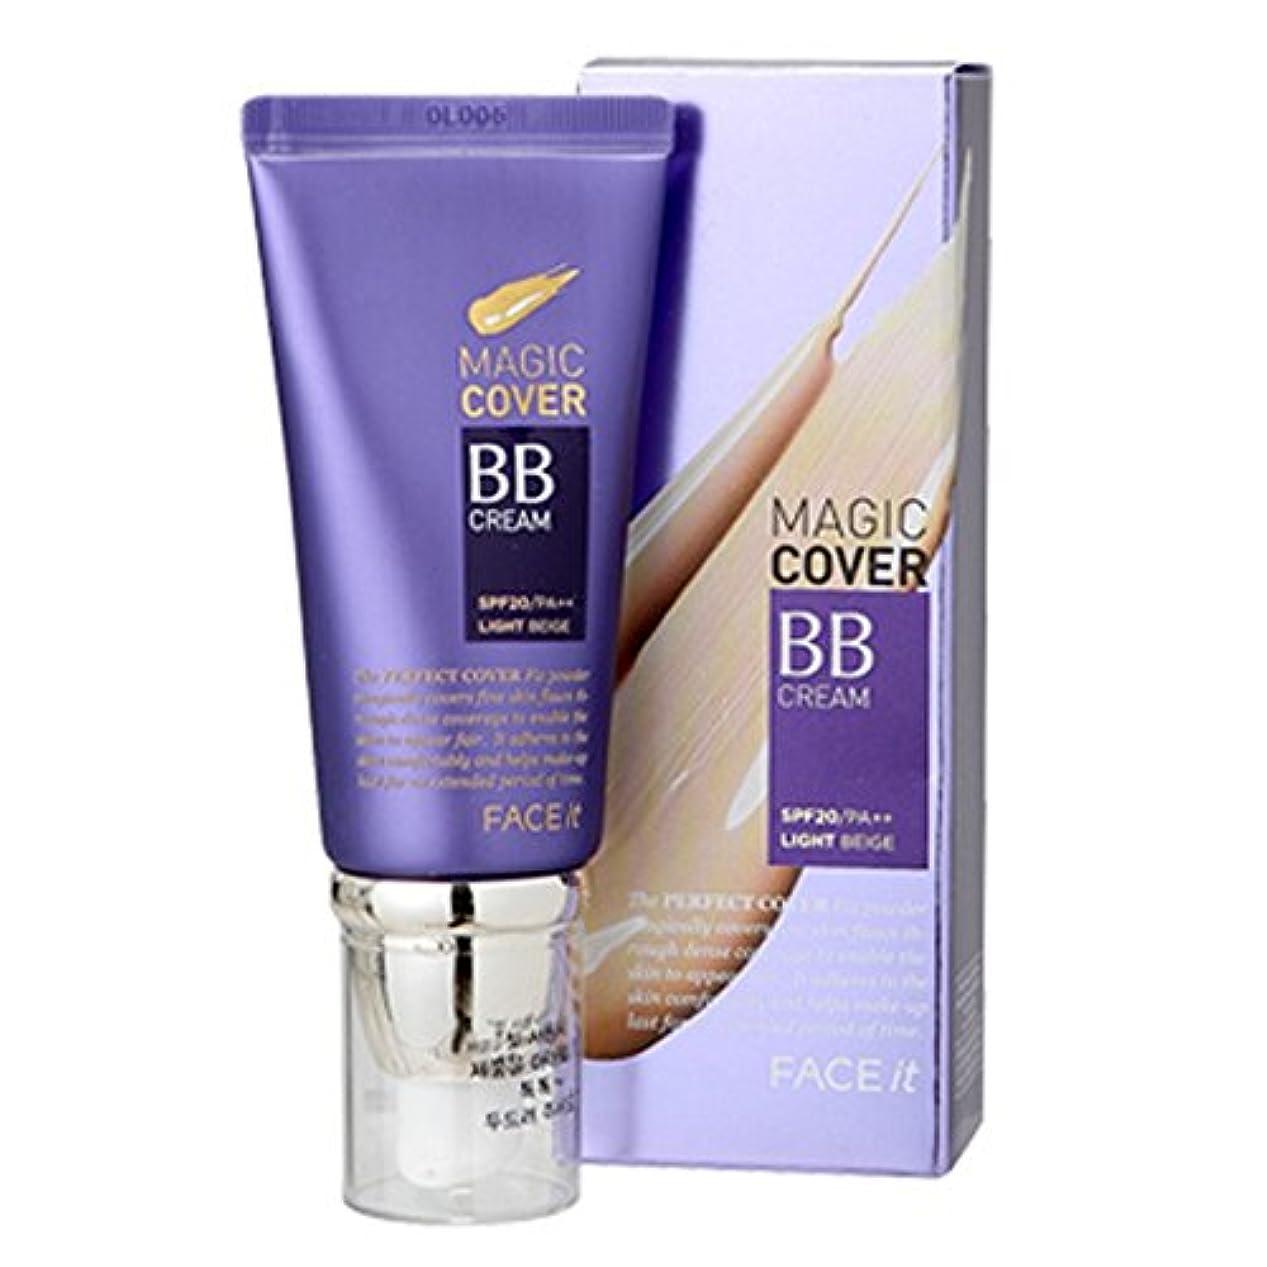 ディレクトリ神社スカルクザフェイスショップ The Face Shop Face It Magic Cover BB Cream 45ml (01 Light Beige)